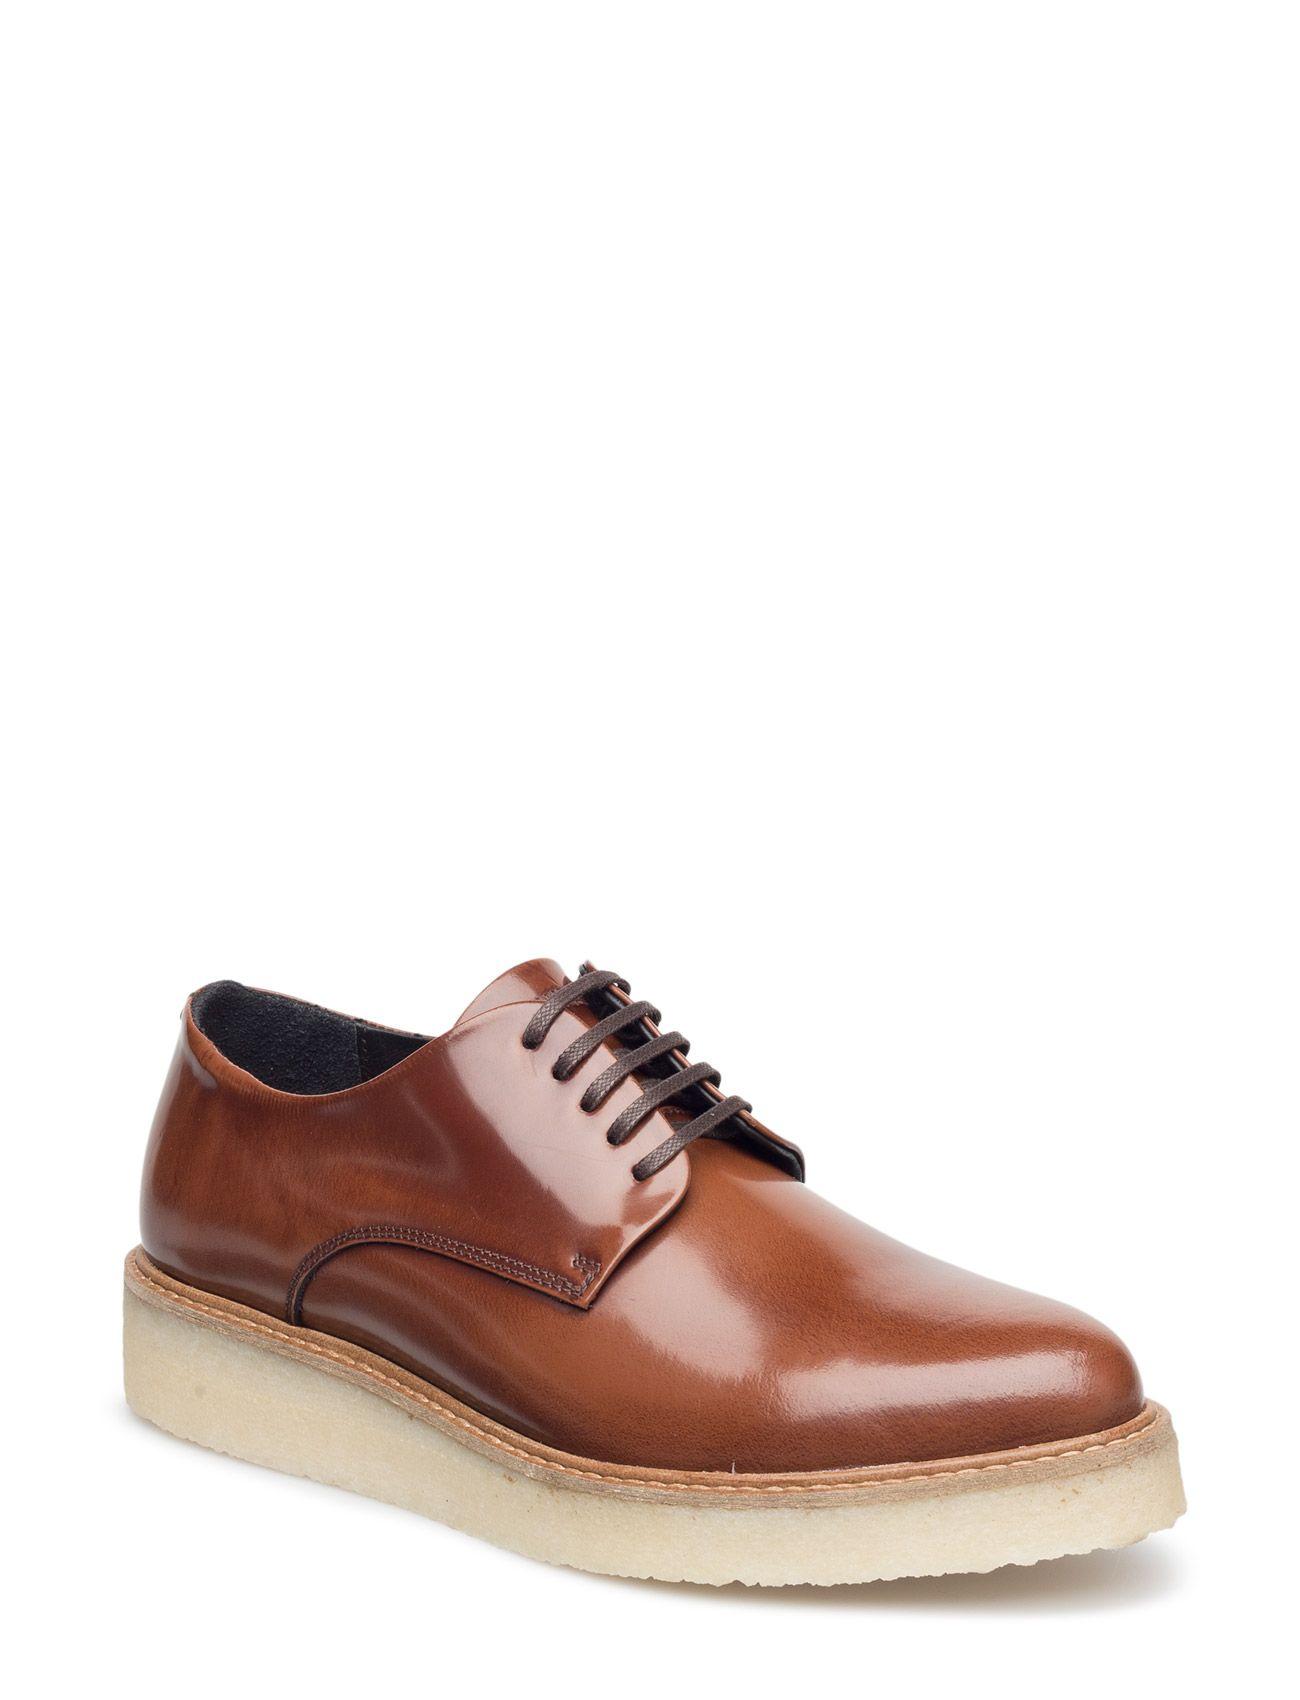 Vi har Royal RepubliQ Border Creep Shoe (Tan) i lager på Boozt.com, för enbart 2049 kr. Senaste kollektionen från Royal RepubliQ. Shoppa tryggt & säkert, snabb leverans.